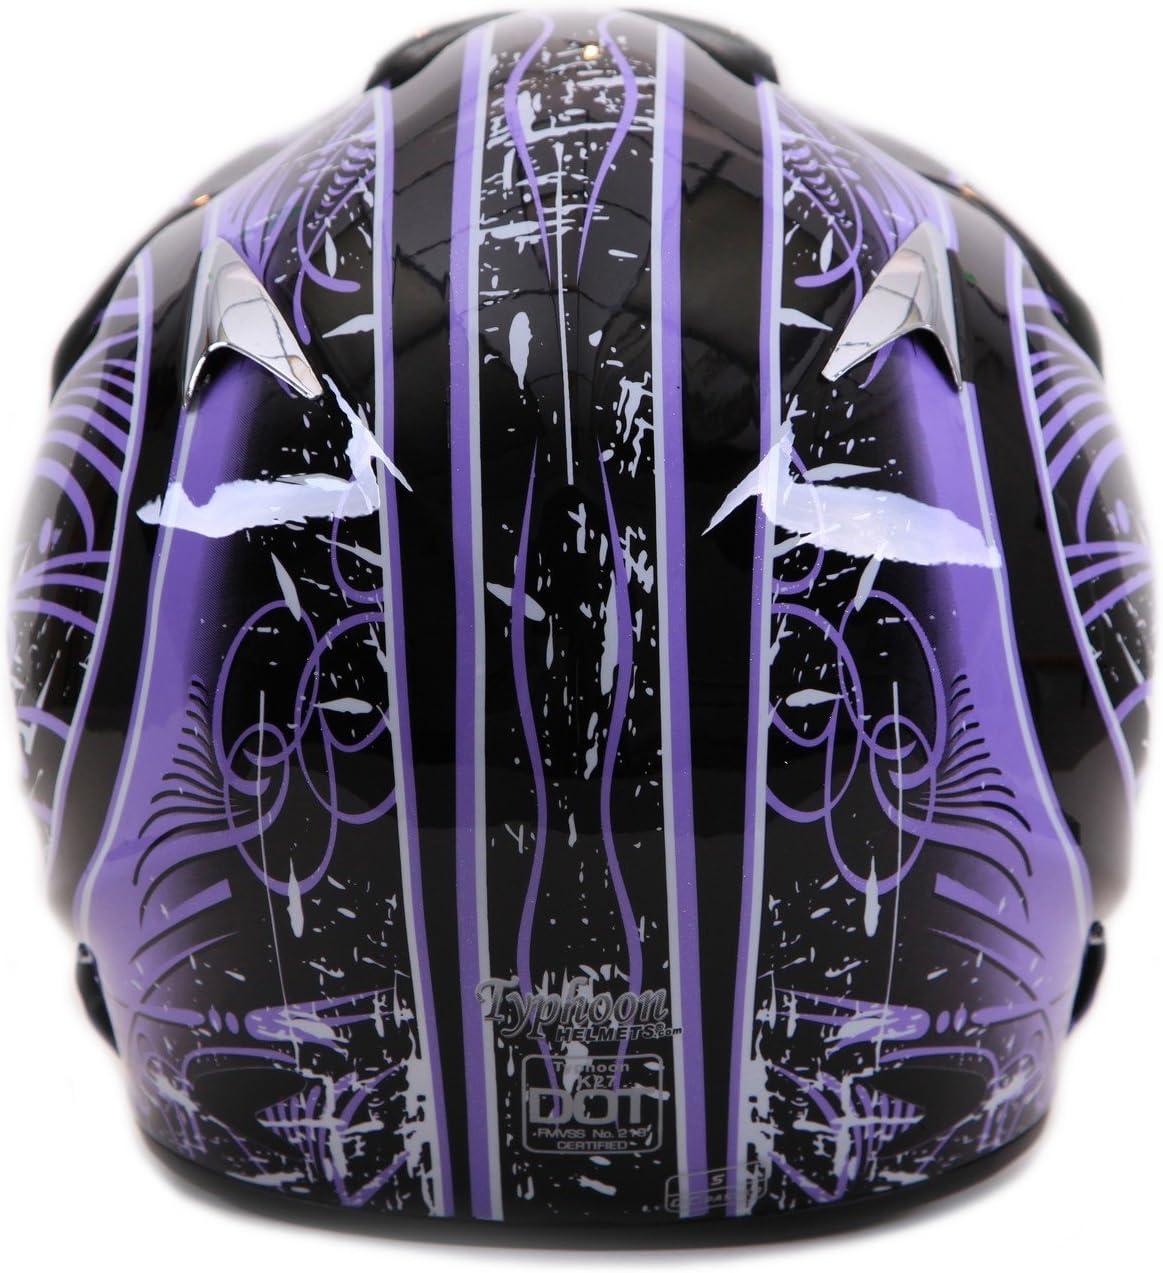 Typhoon Adult ATV Helmet Goggles Gloves Gear Combo Purple Splatter Small